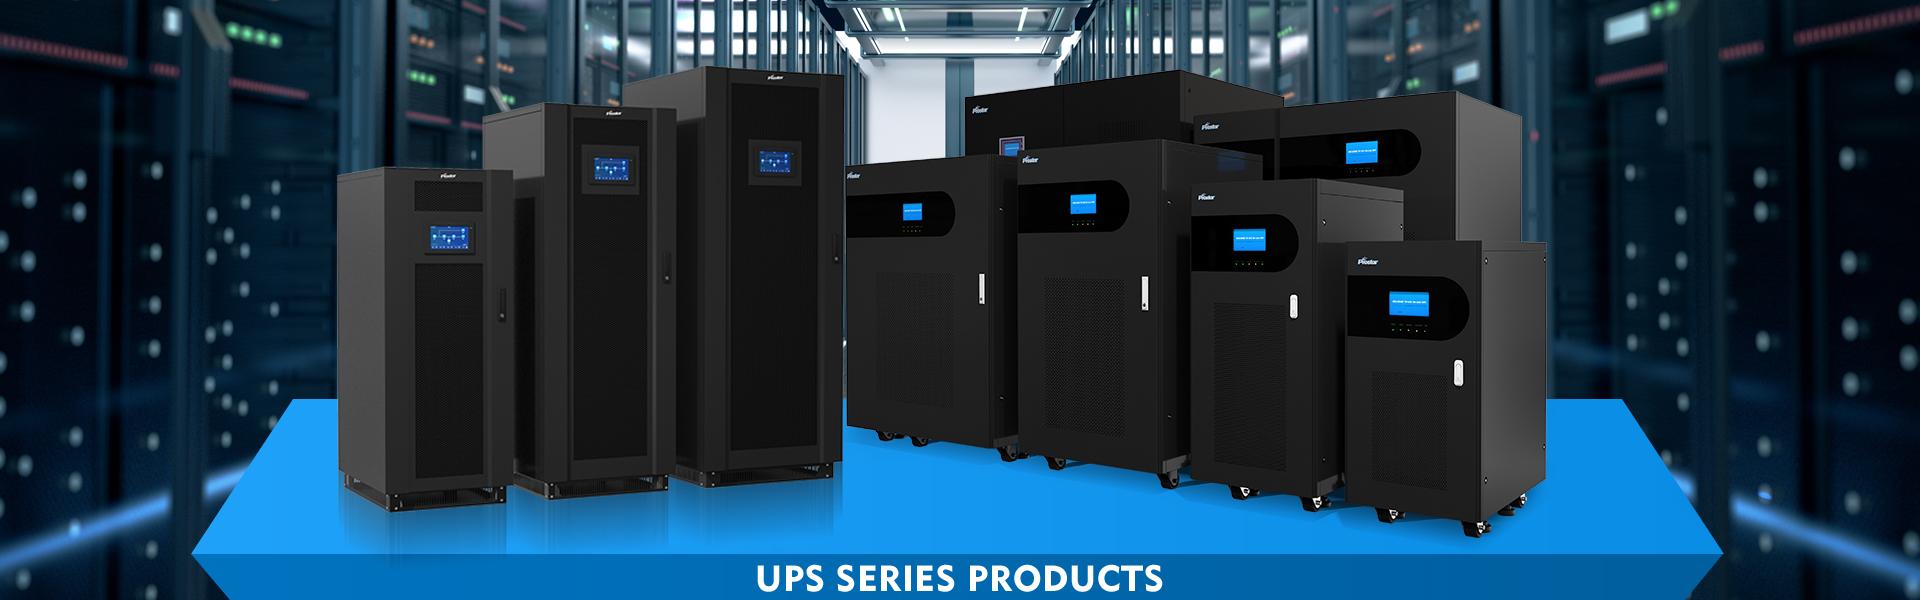 Prostar Uninterruptible Power Supply UPS